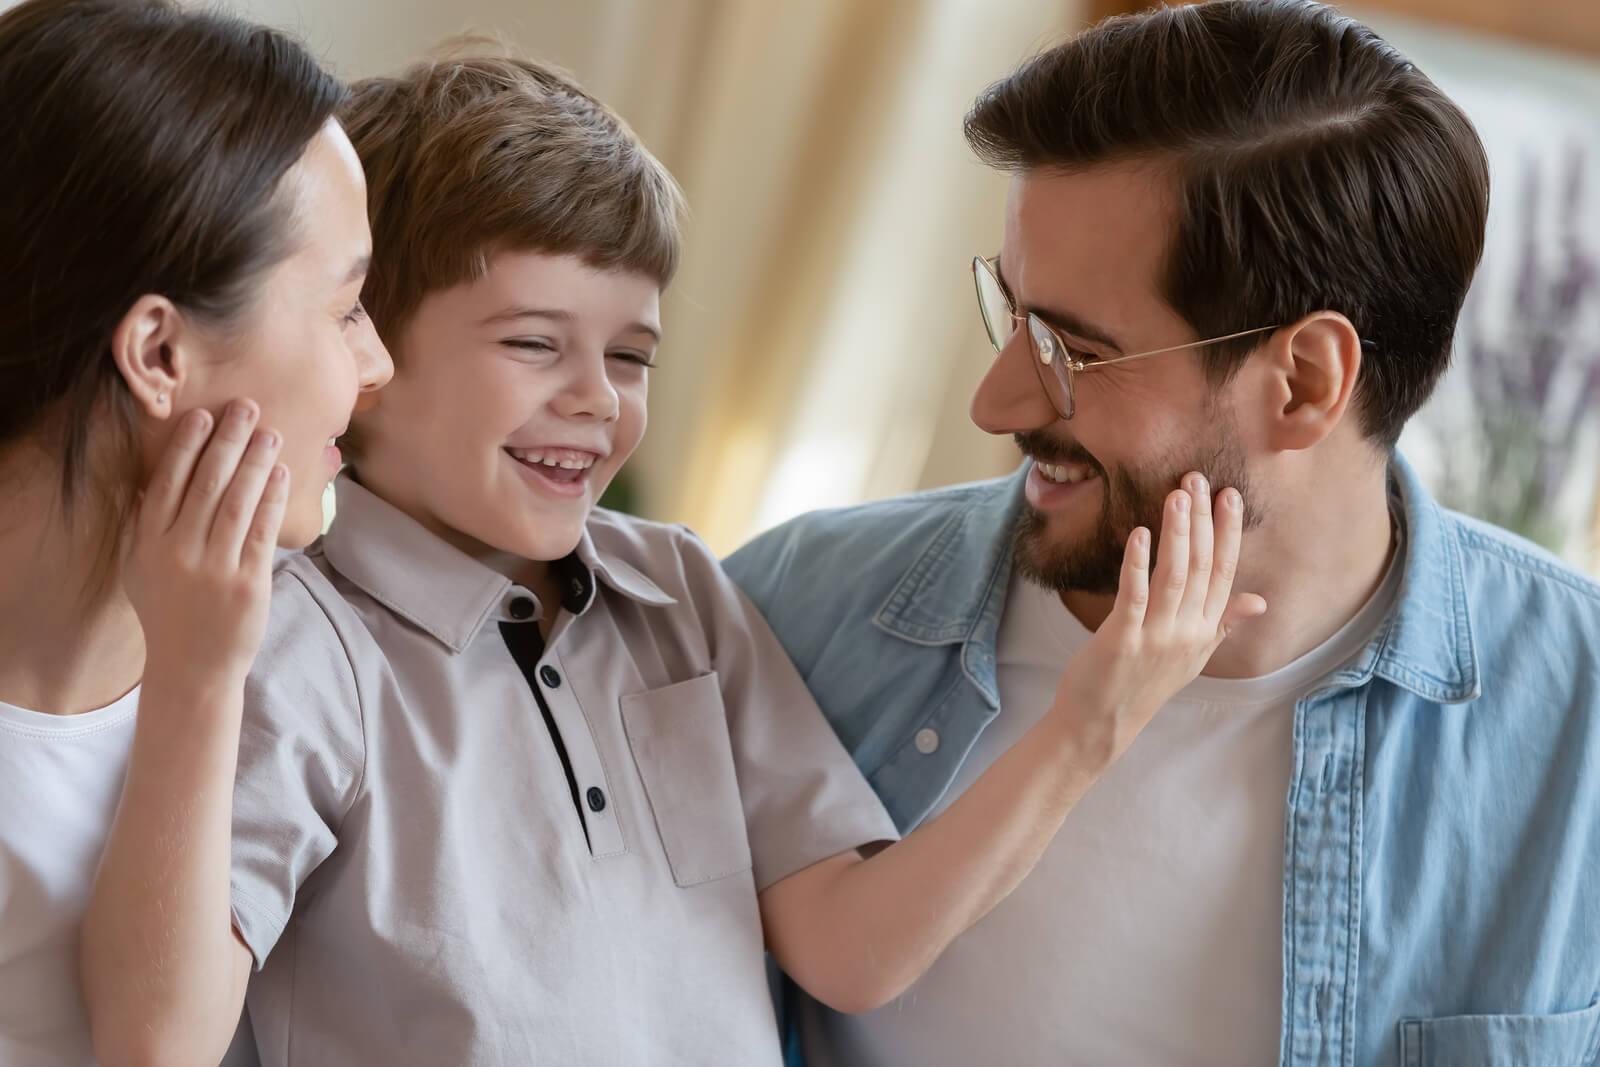 Padre siguiendo las pautas para criar a un niño amable.